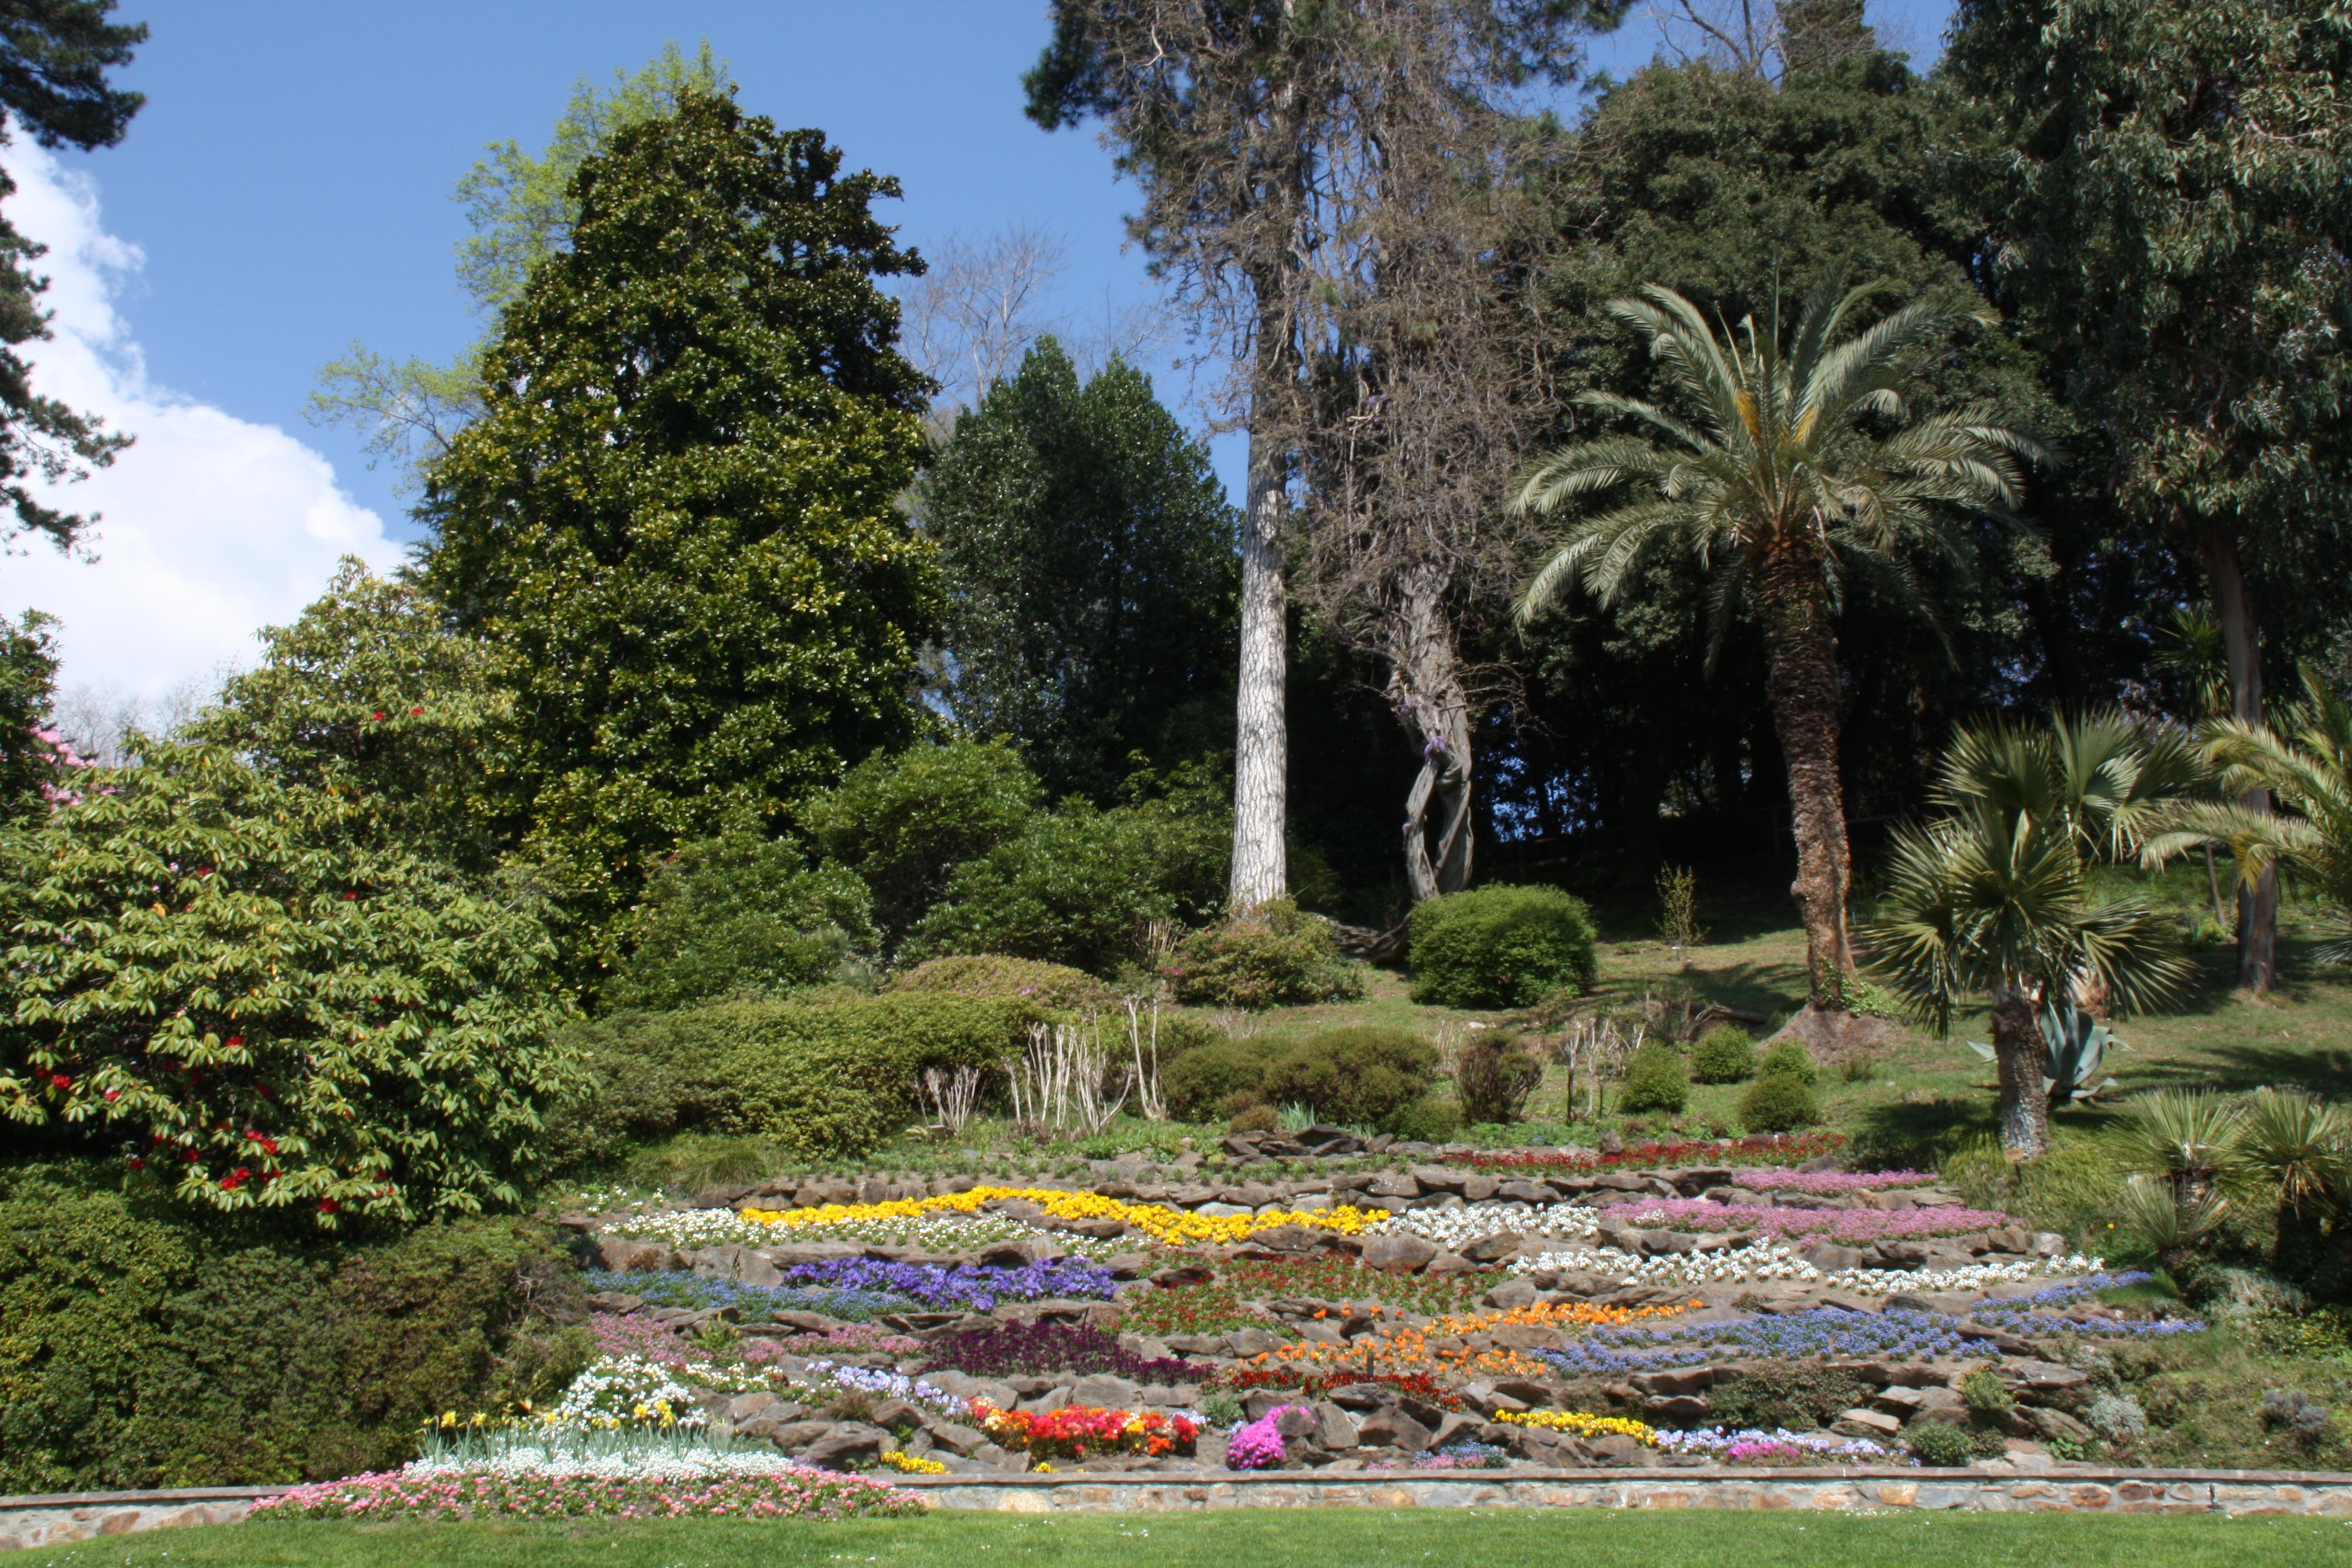 Enchanted Garden: Lake Como & The Enchanted Garden